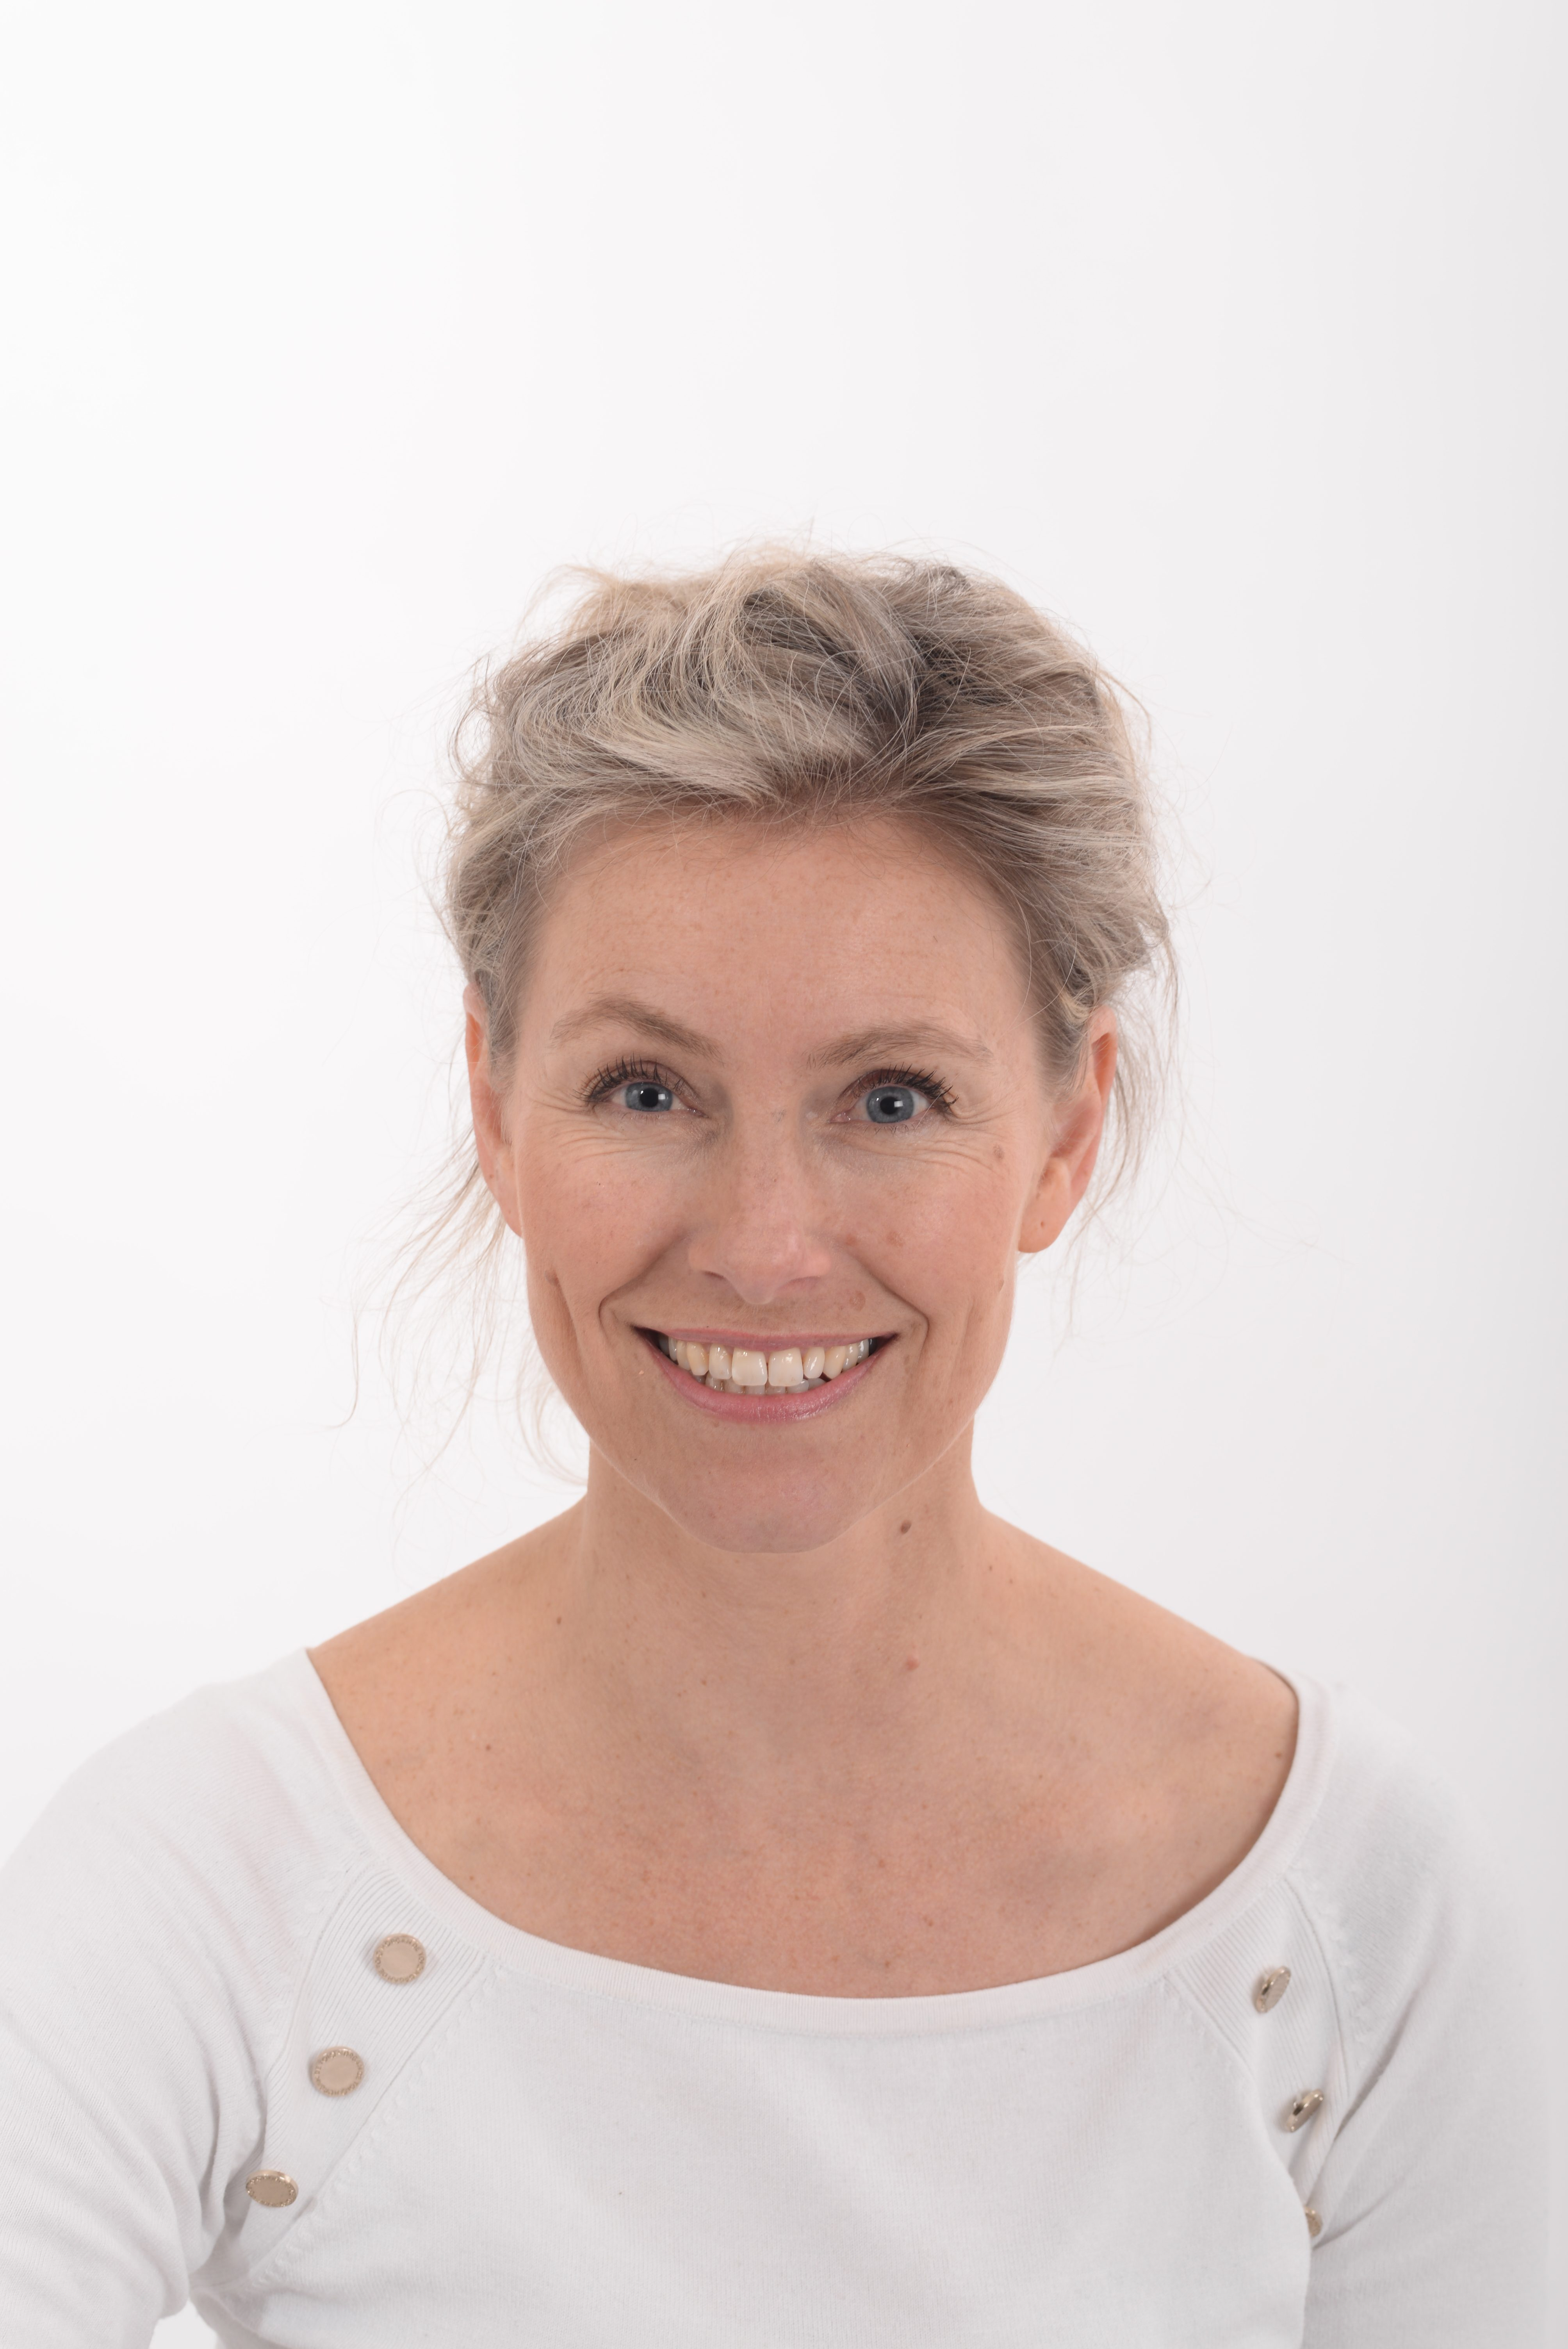 Barbara Doeleman-van Veldhoven Mindfulness